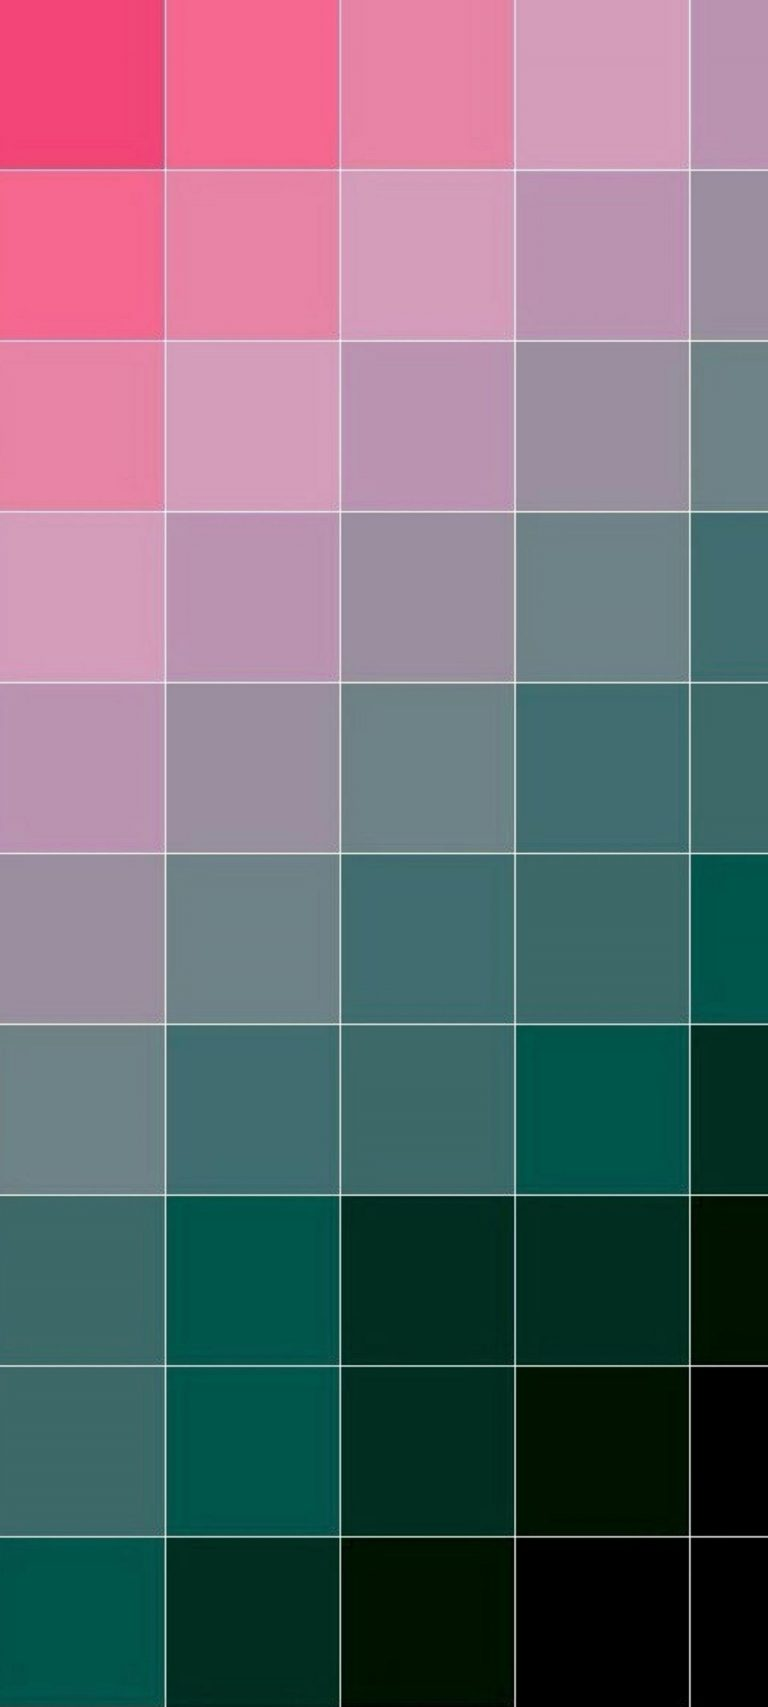 1440x3200 HD Wallpaper 231 768x1707 - 1440x3200 HD Wallpaper - 231